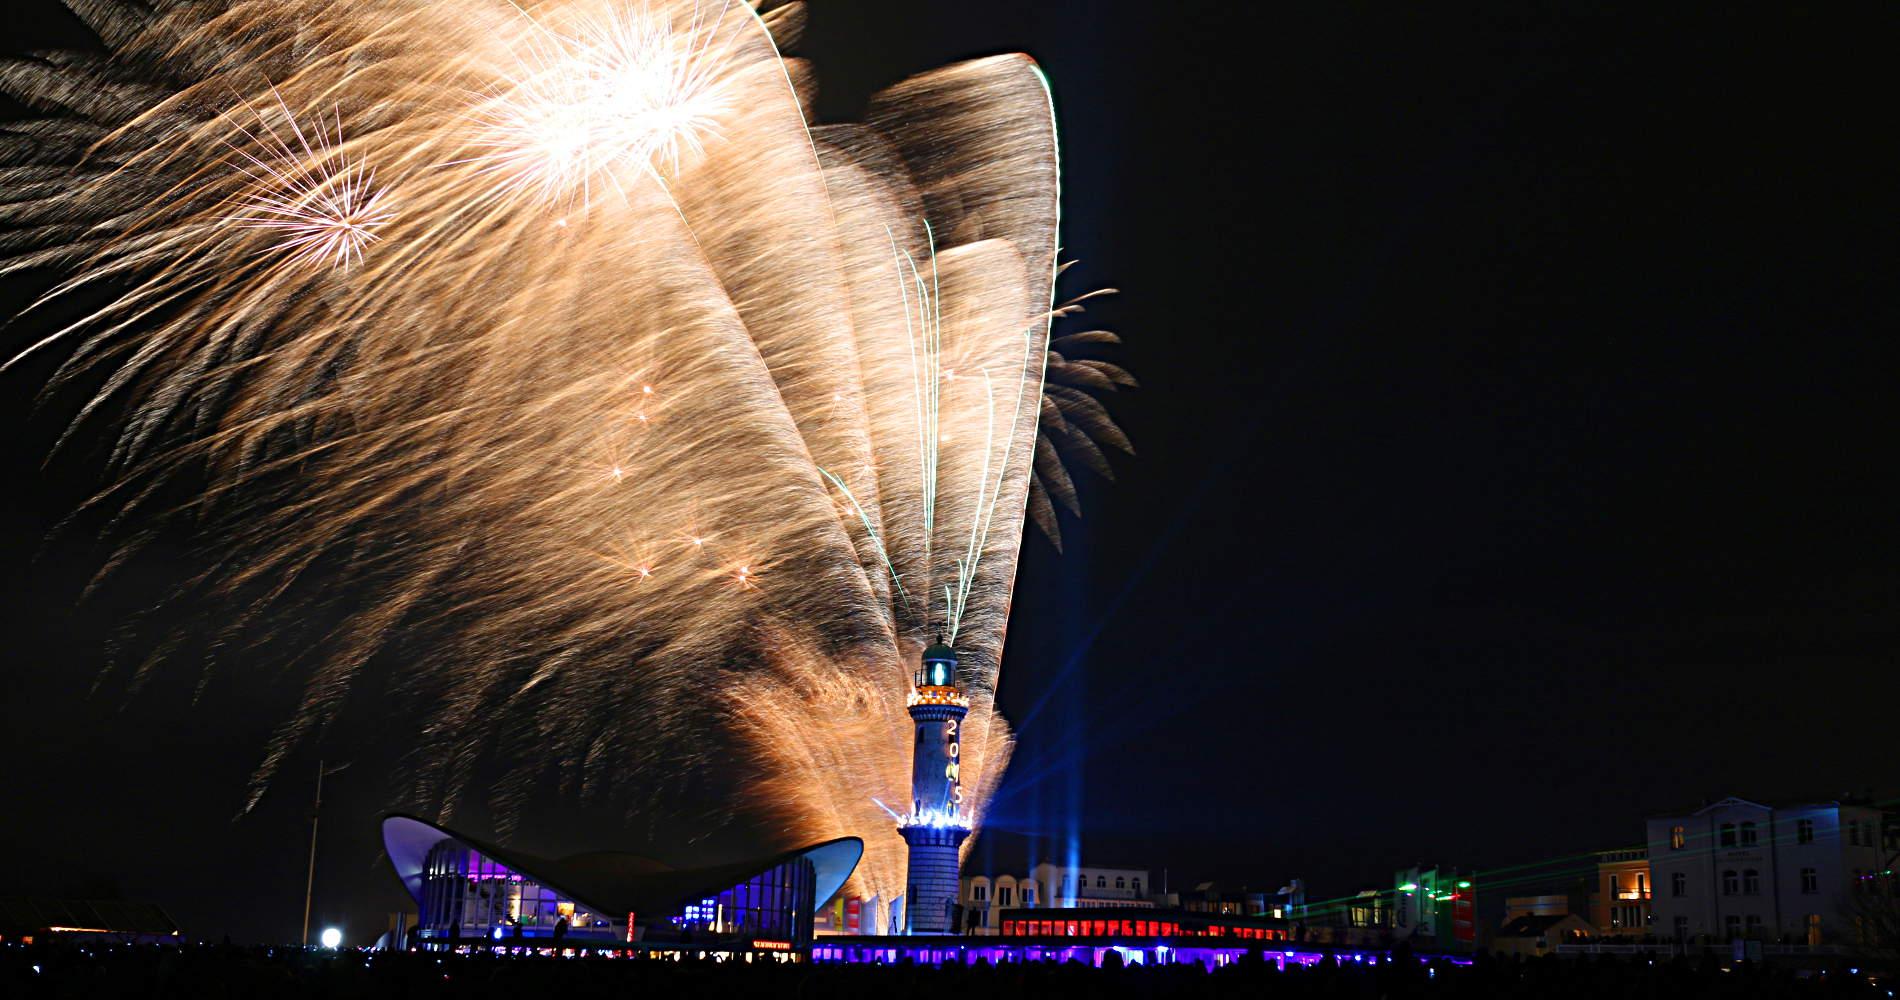 Feuerwerk in Warnemünde - immer am 1. Januar lädt die Stadt an die Ostsee zum Turmleuchten.